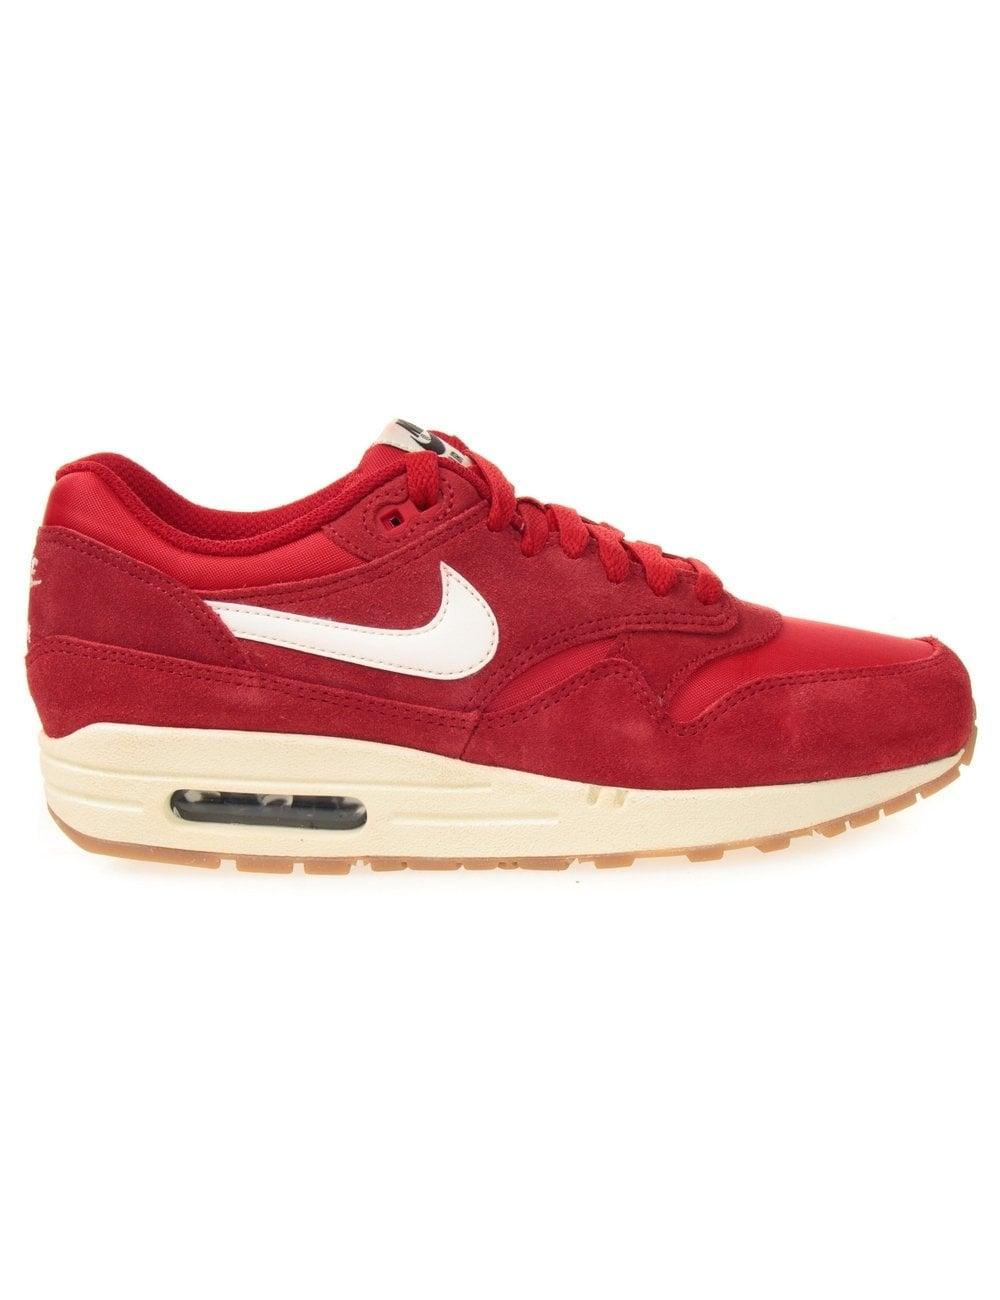 buy popular bb1e1 1b479 Nike Air Max 1 Essential - Gym Red